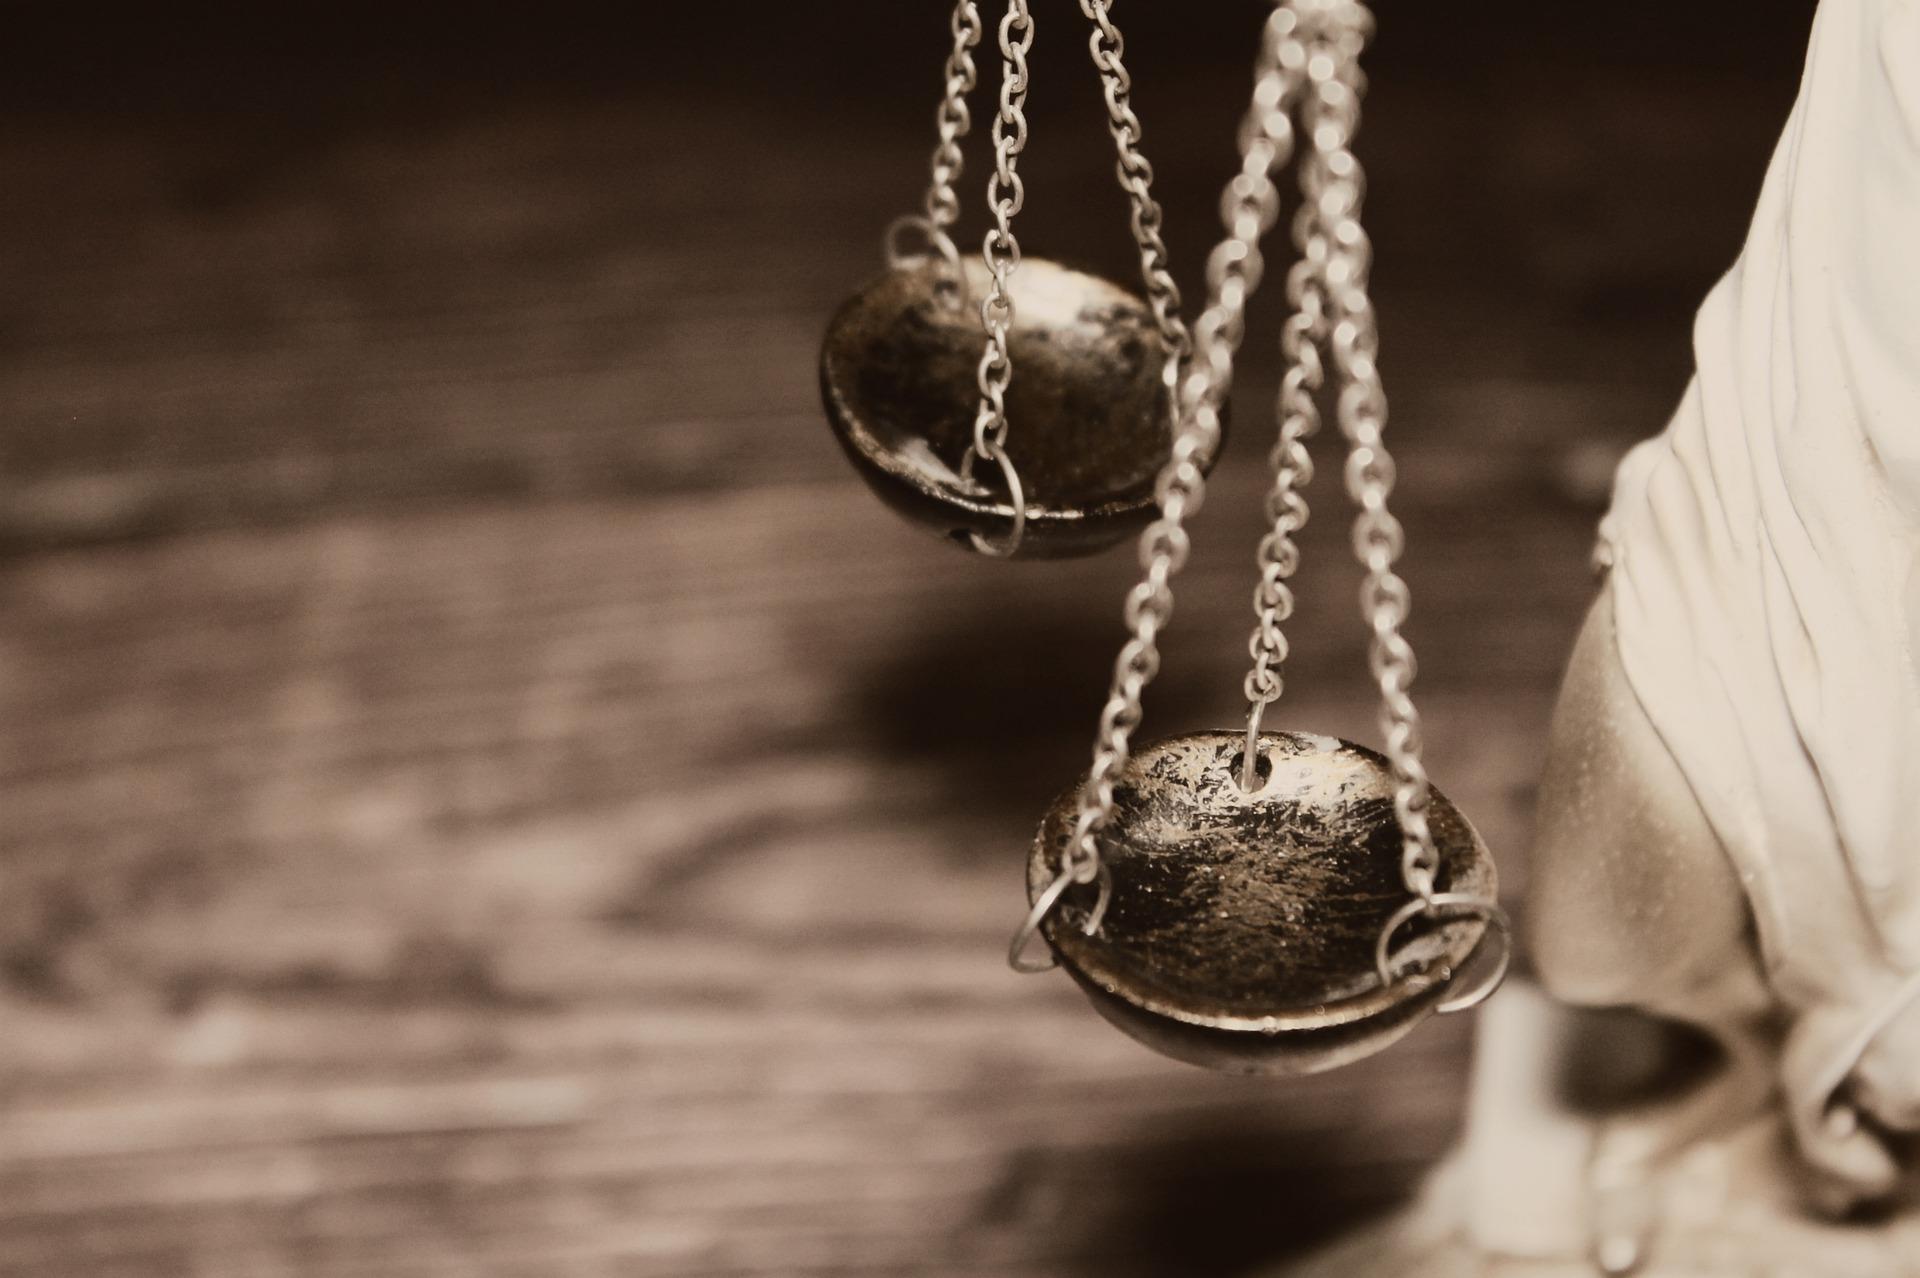 Оскарження висновків про результати моніторингу закупівлі: короткий огляд окремих судових рішень